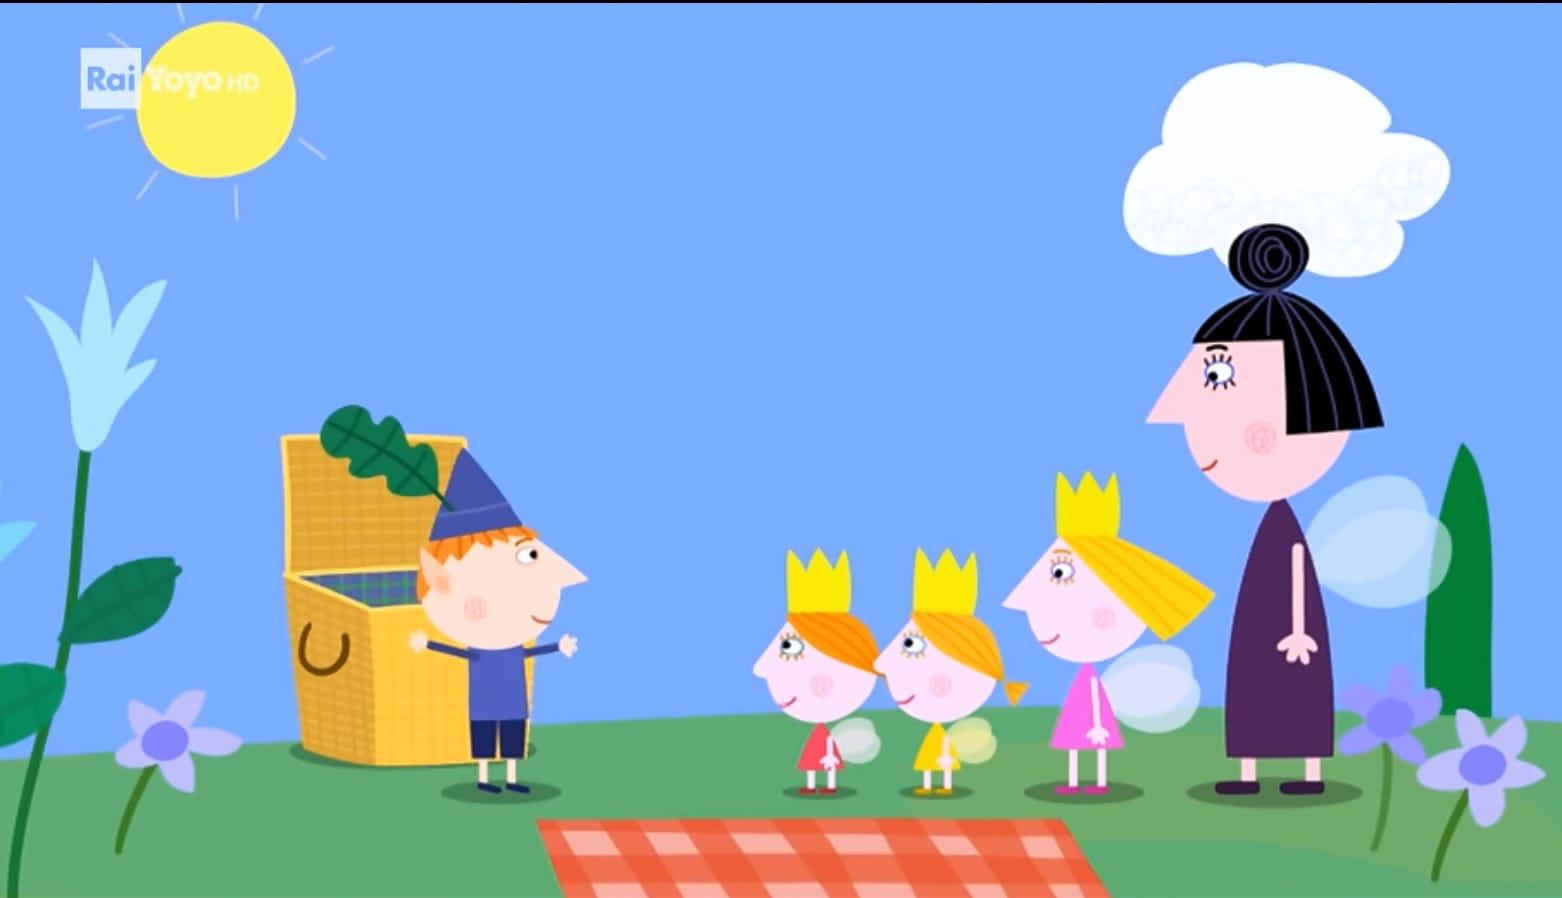 Rai Yoyo Il piccolo regno di Ben e Holly - S1E6 - La teiera della Regina Cardo